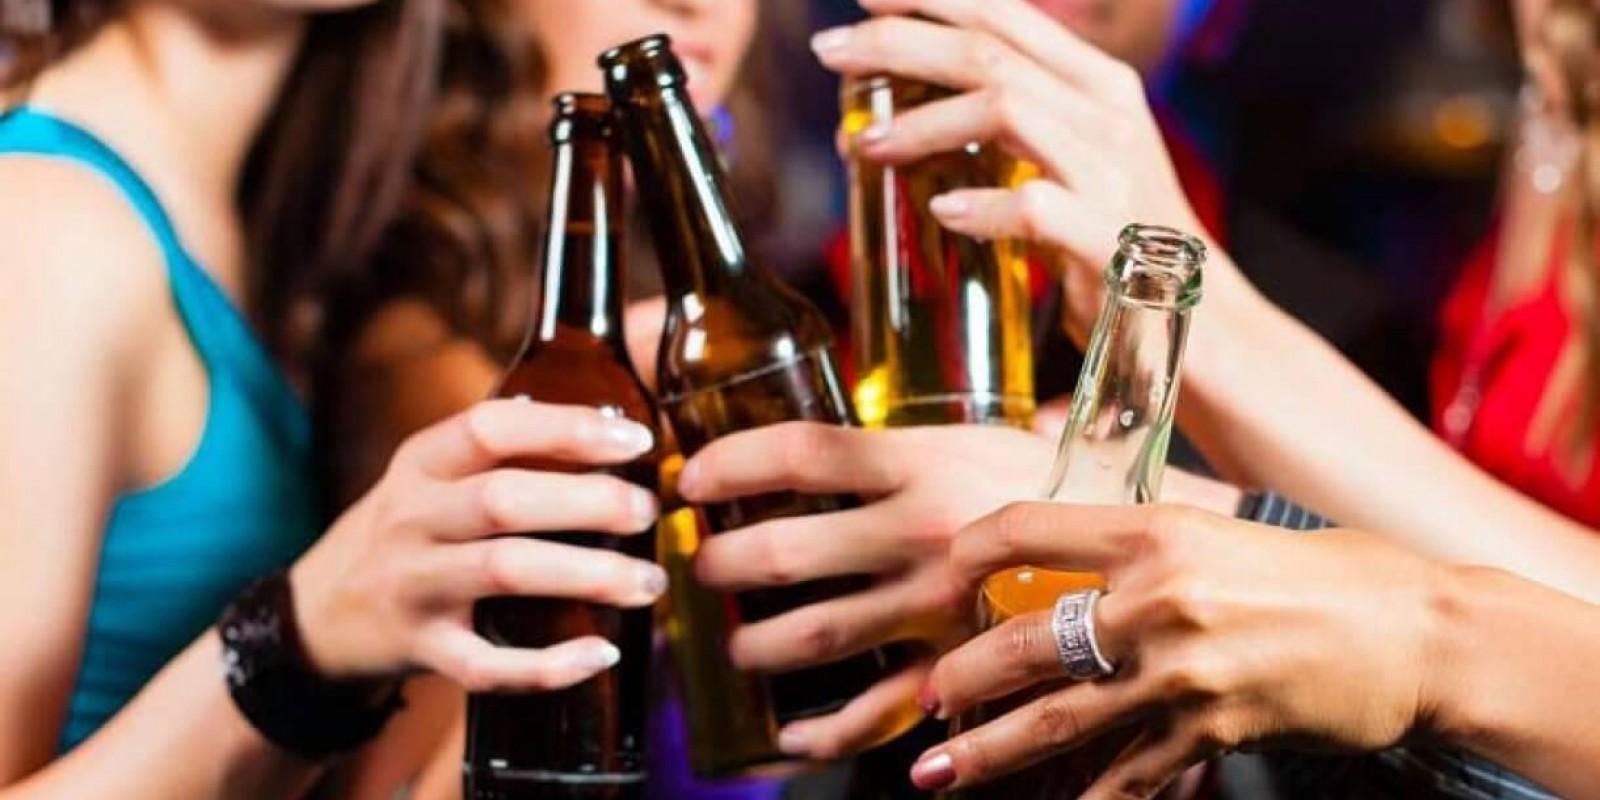 Como Evitar O Consumo De Álcool Entre Os Adolescentes